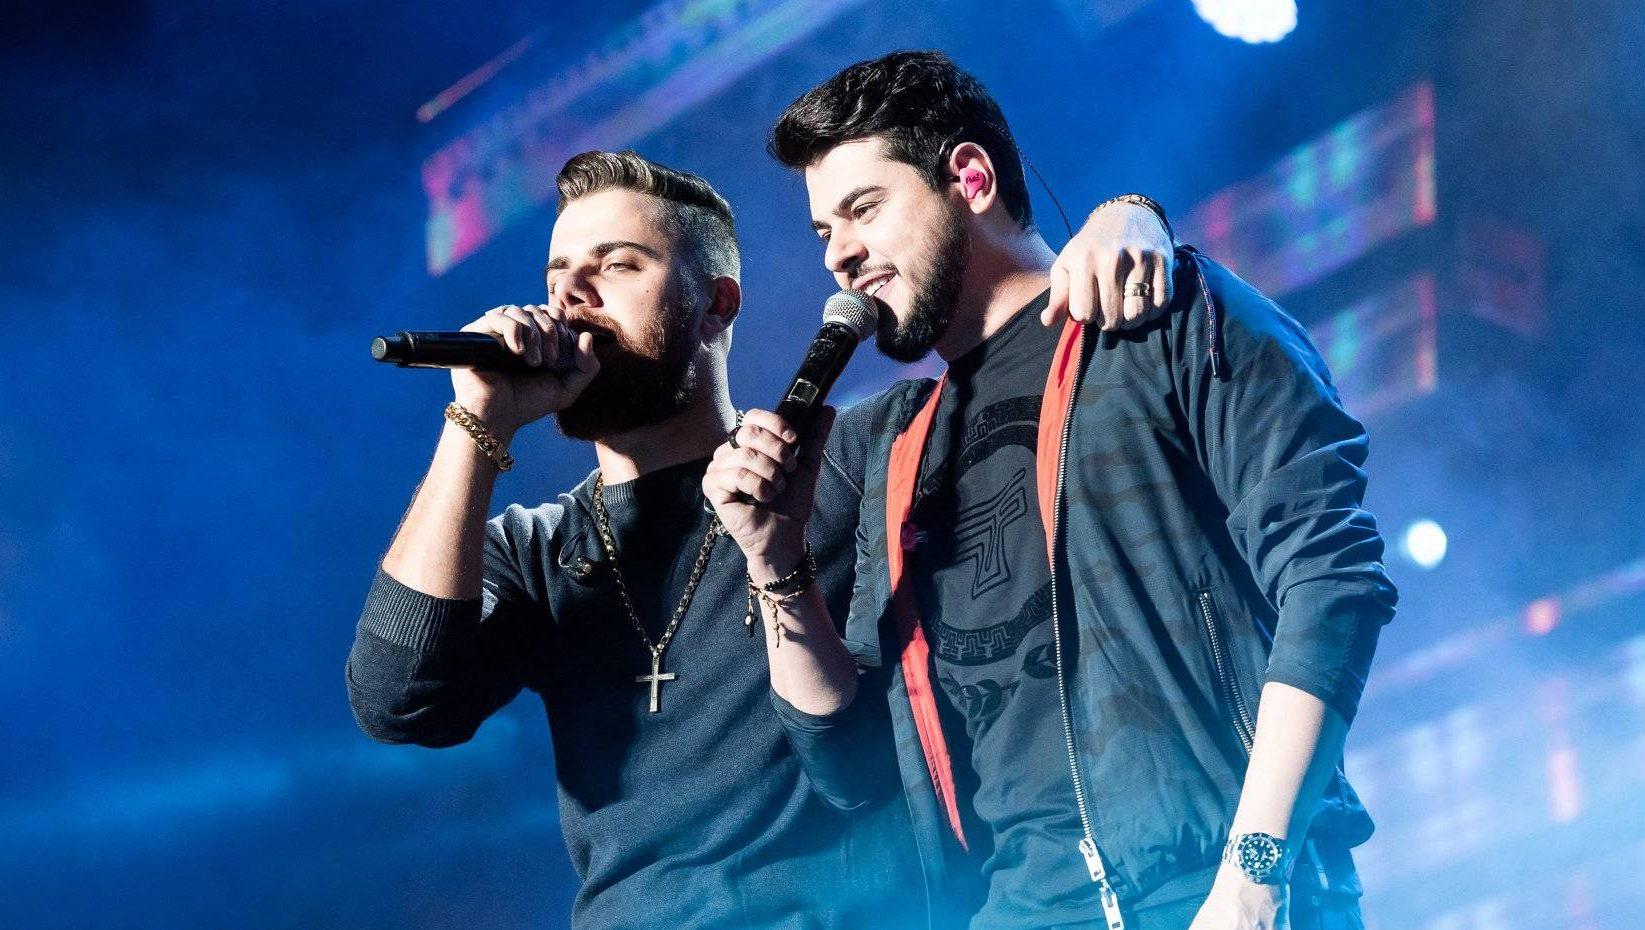 LIVE | Assista o show live de Zé Neto e Cristiano